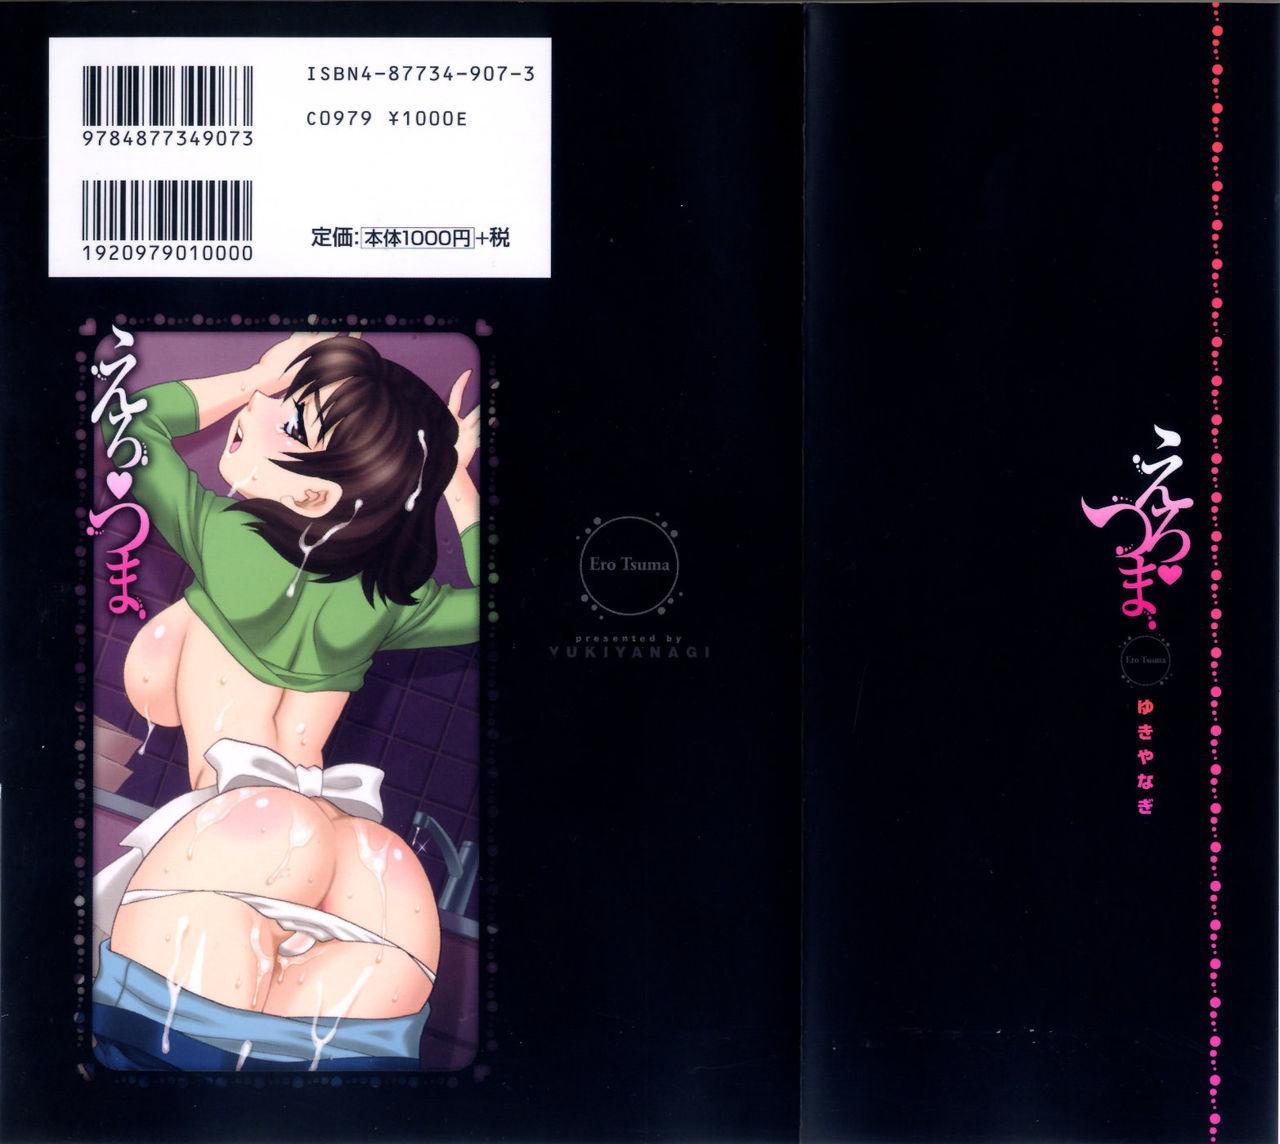 Ero Tsuma 1-6 1